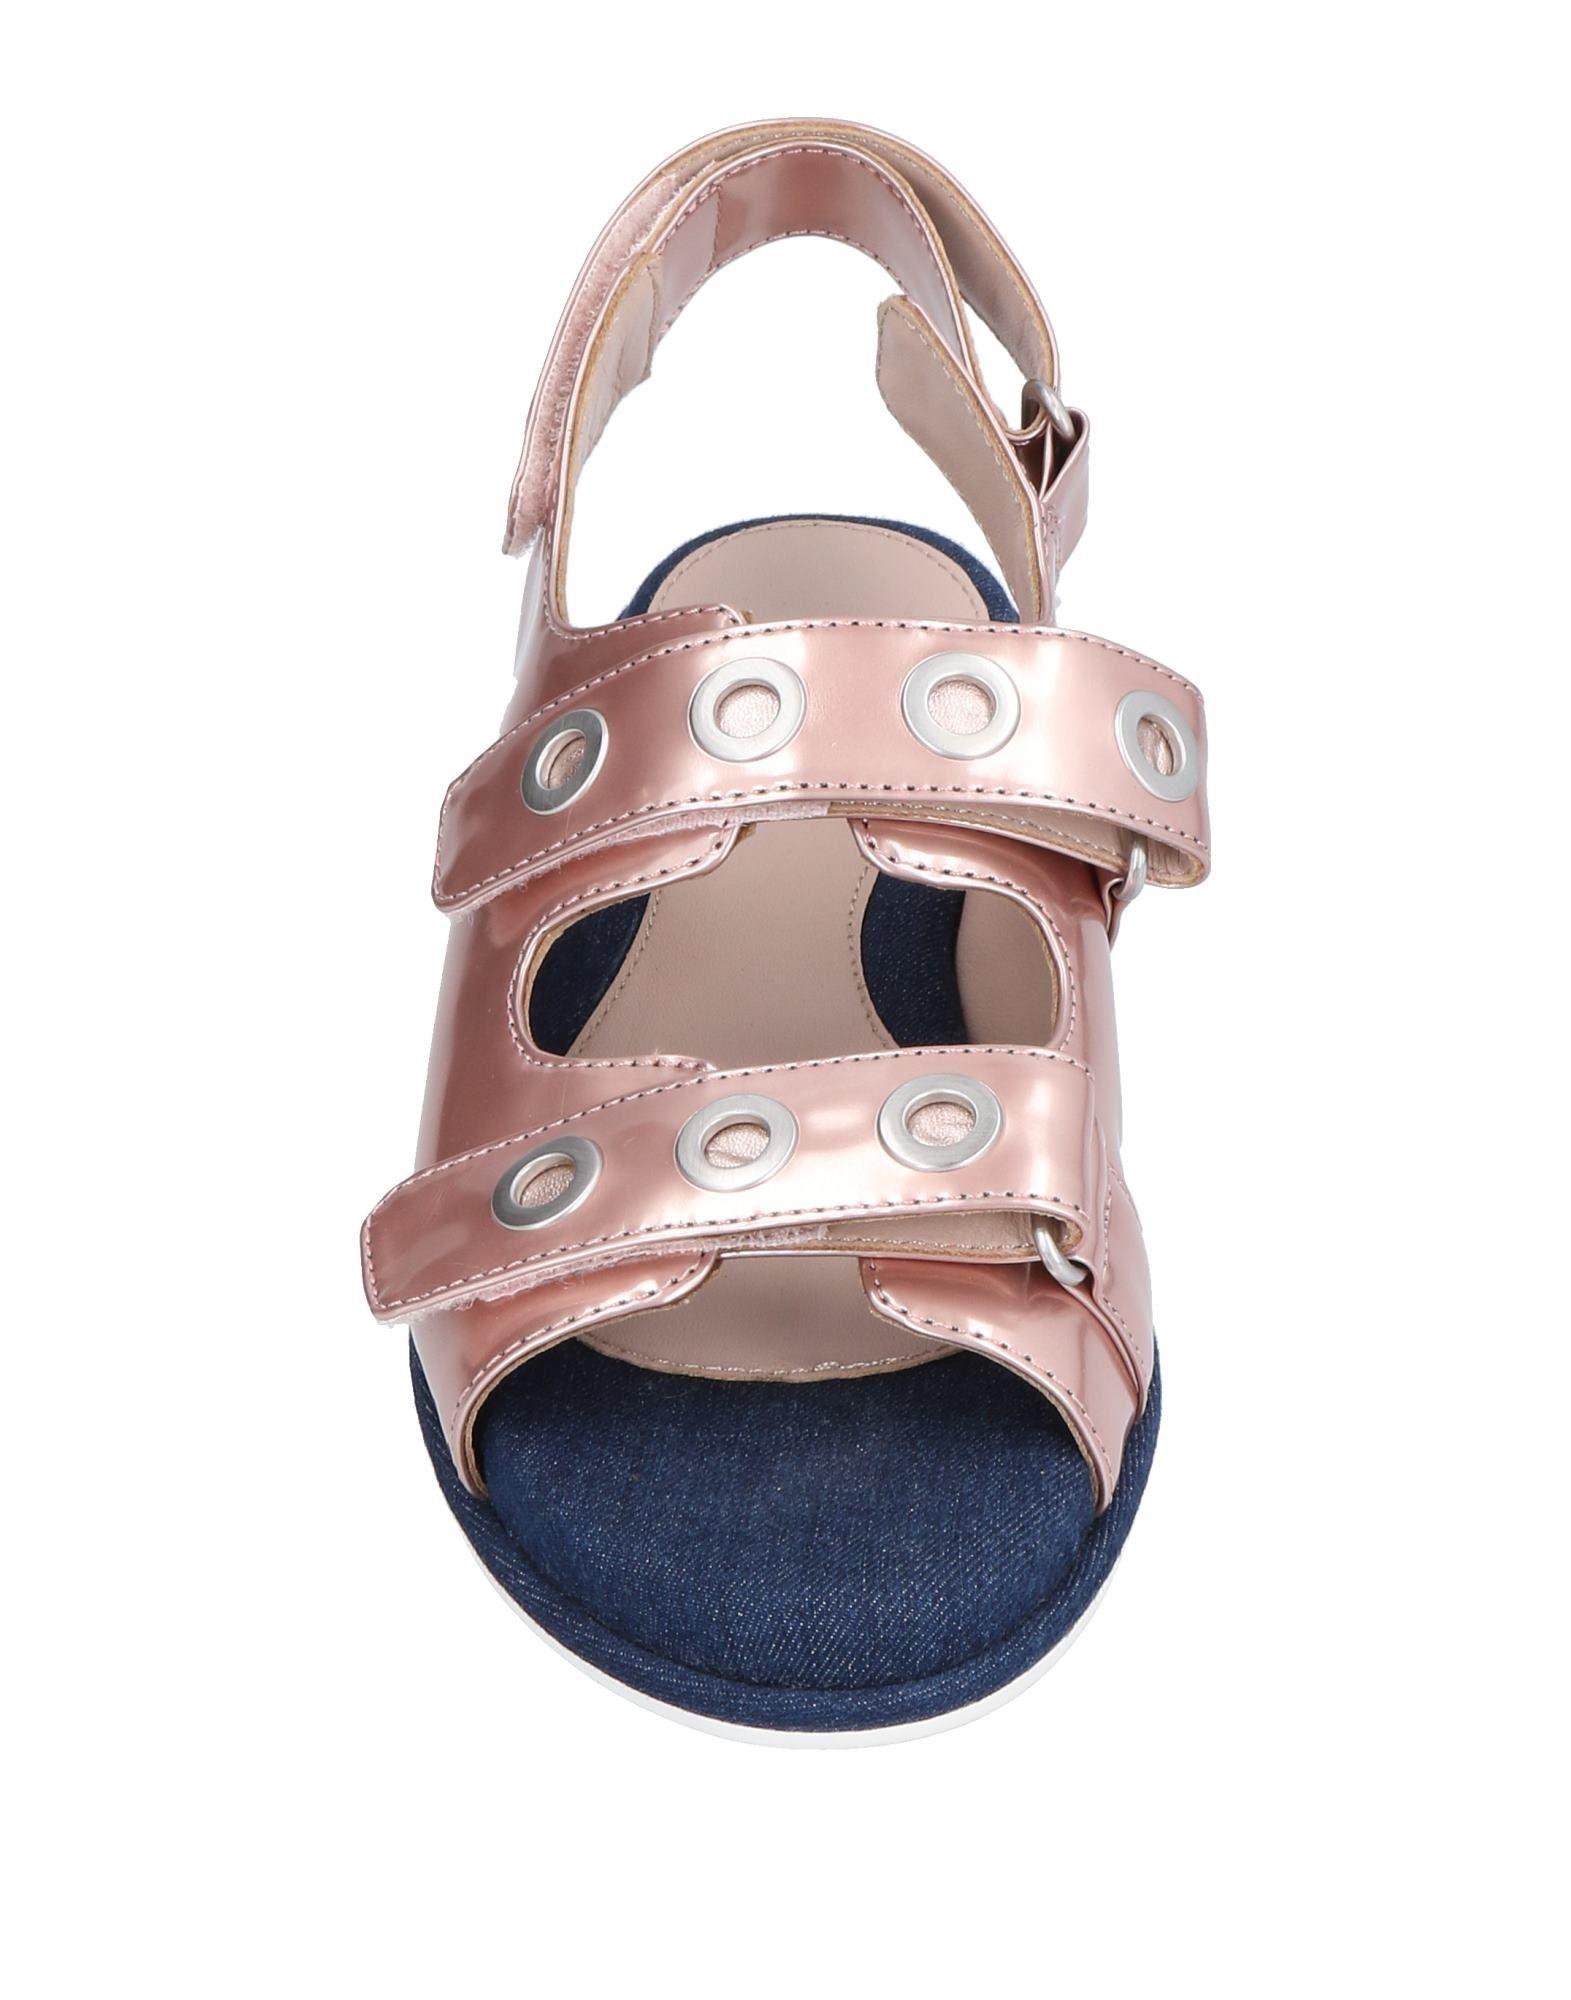 Clone Sandalen beliebte Damen 11471480OL Gute Qualität beliebte Sandalen Schuhe a68948